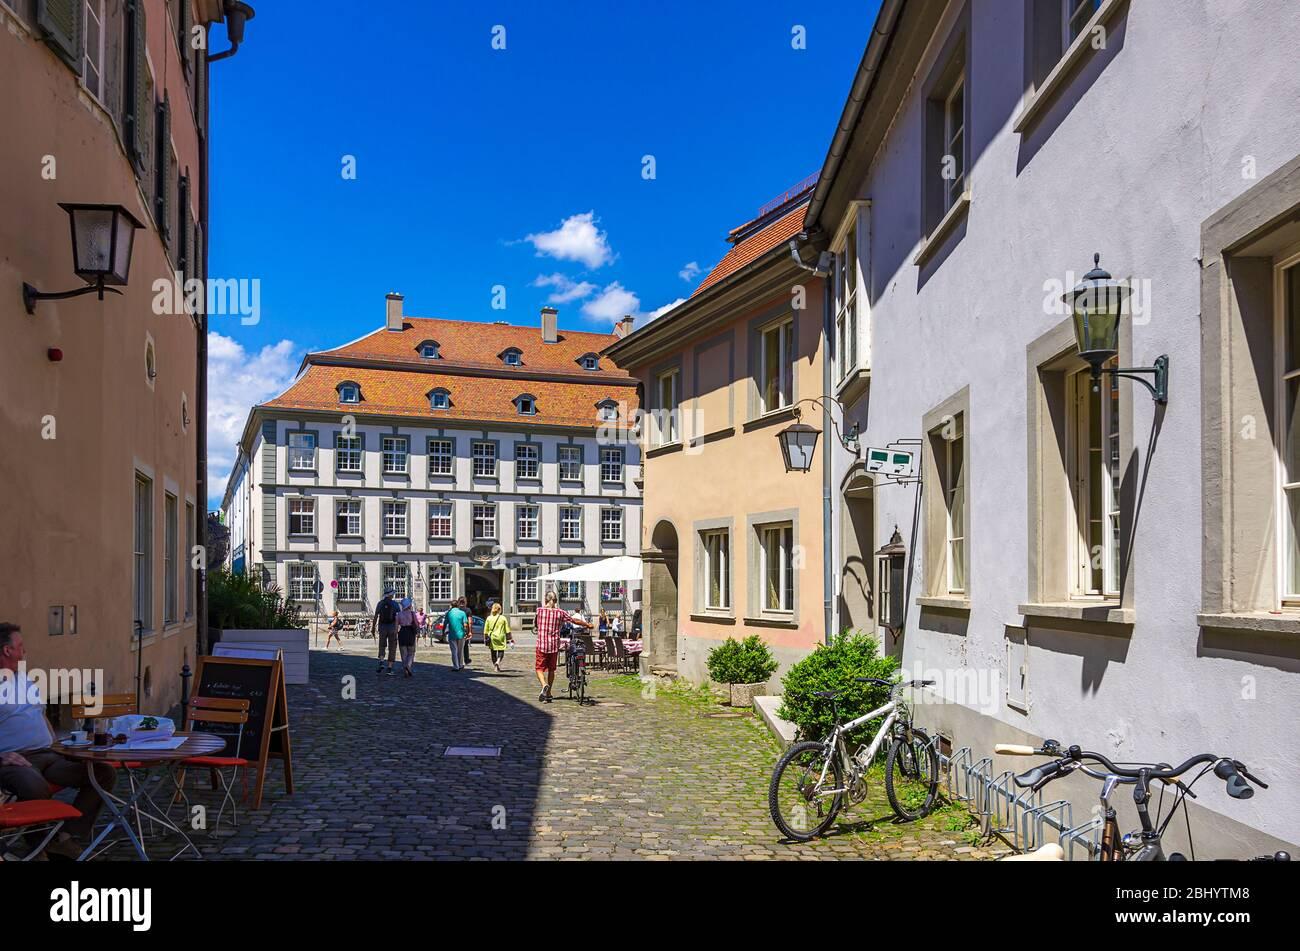 Städtische Szene auf der Lingg Straße und dem Marktplatz in der Altstadt von Lindau am Bodensee, Bayern, Deutschland, Europa. Stockfoto